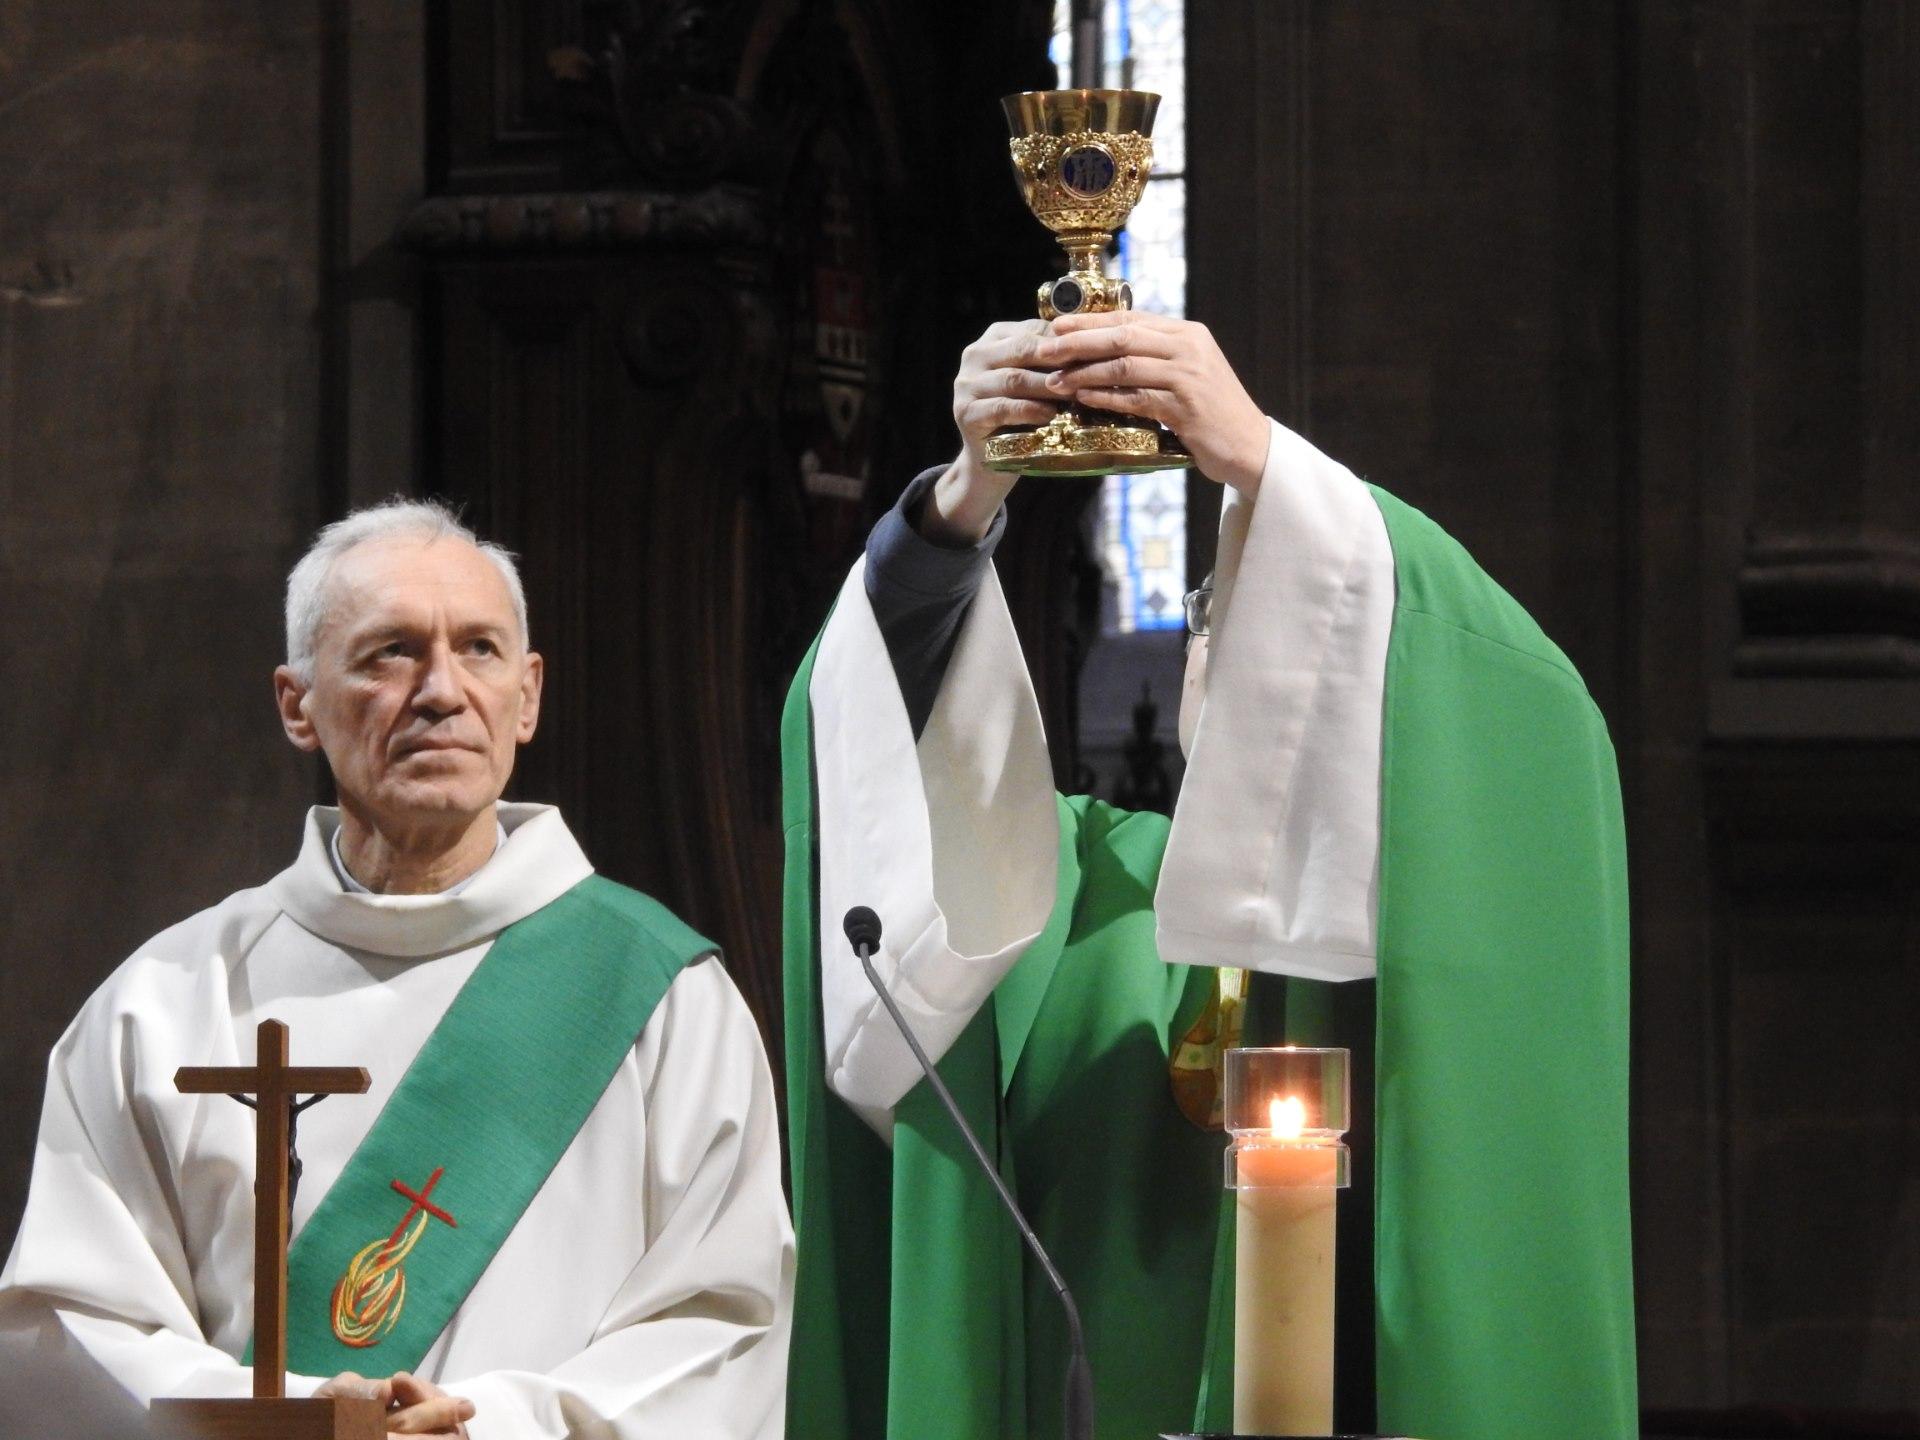 Messe familles St Francois 2018 01 21 (22)